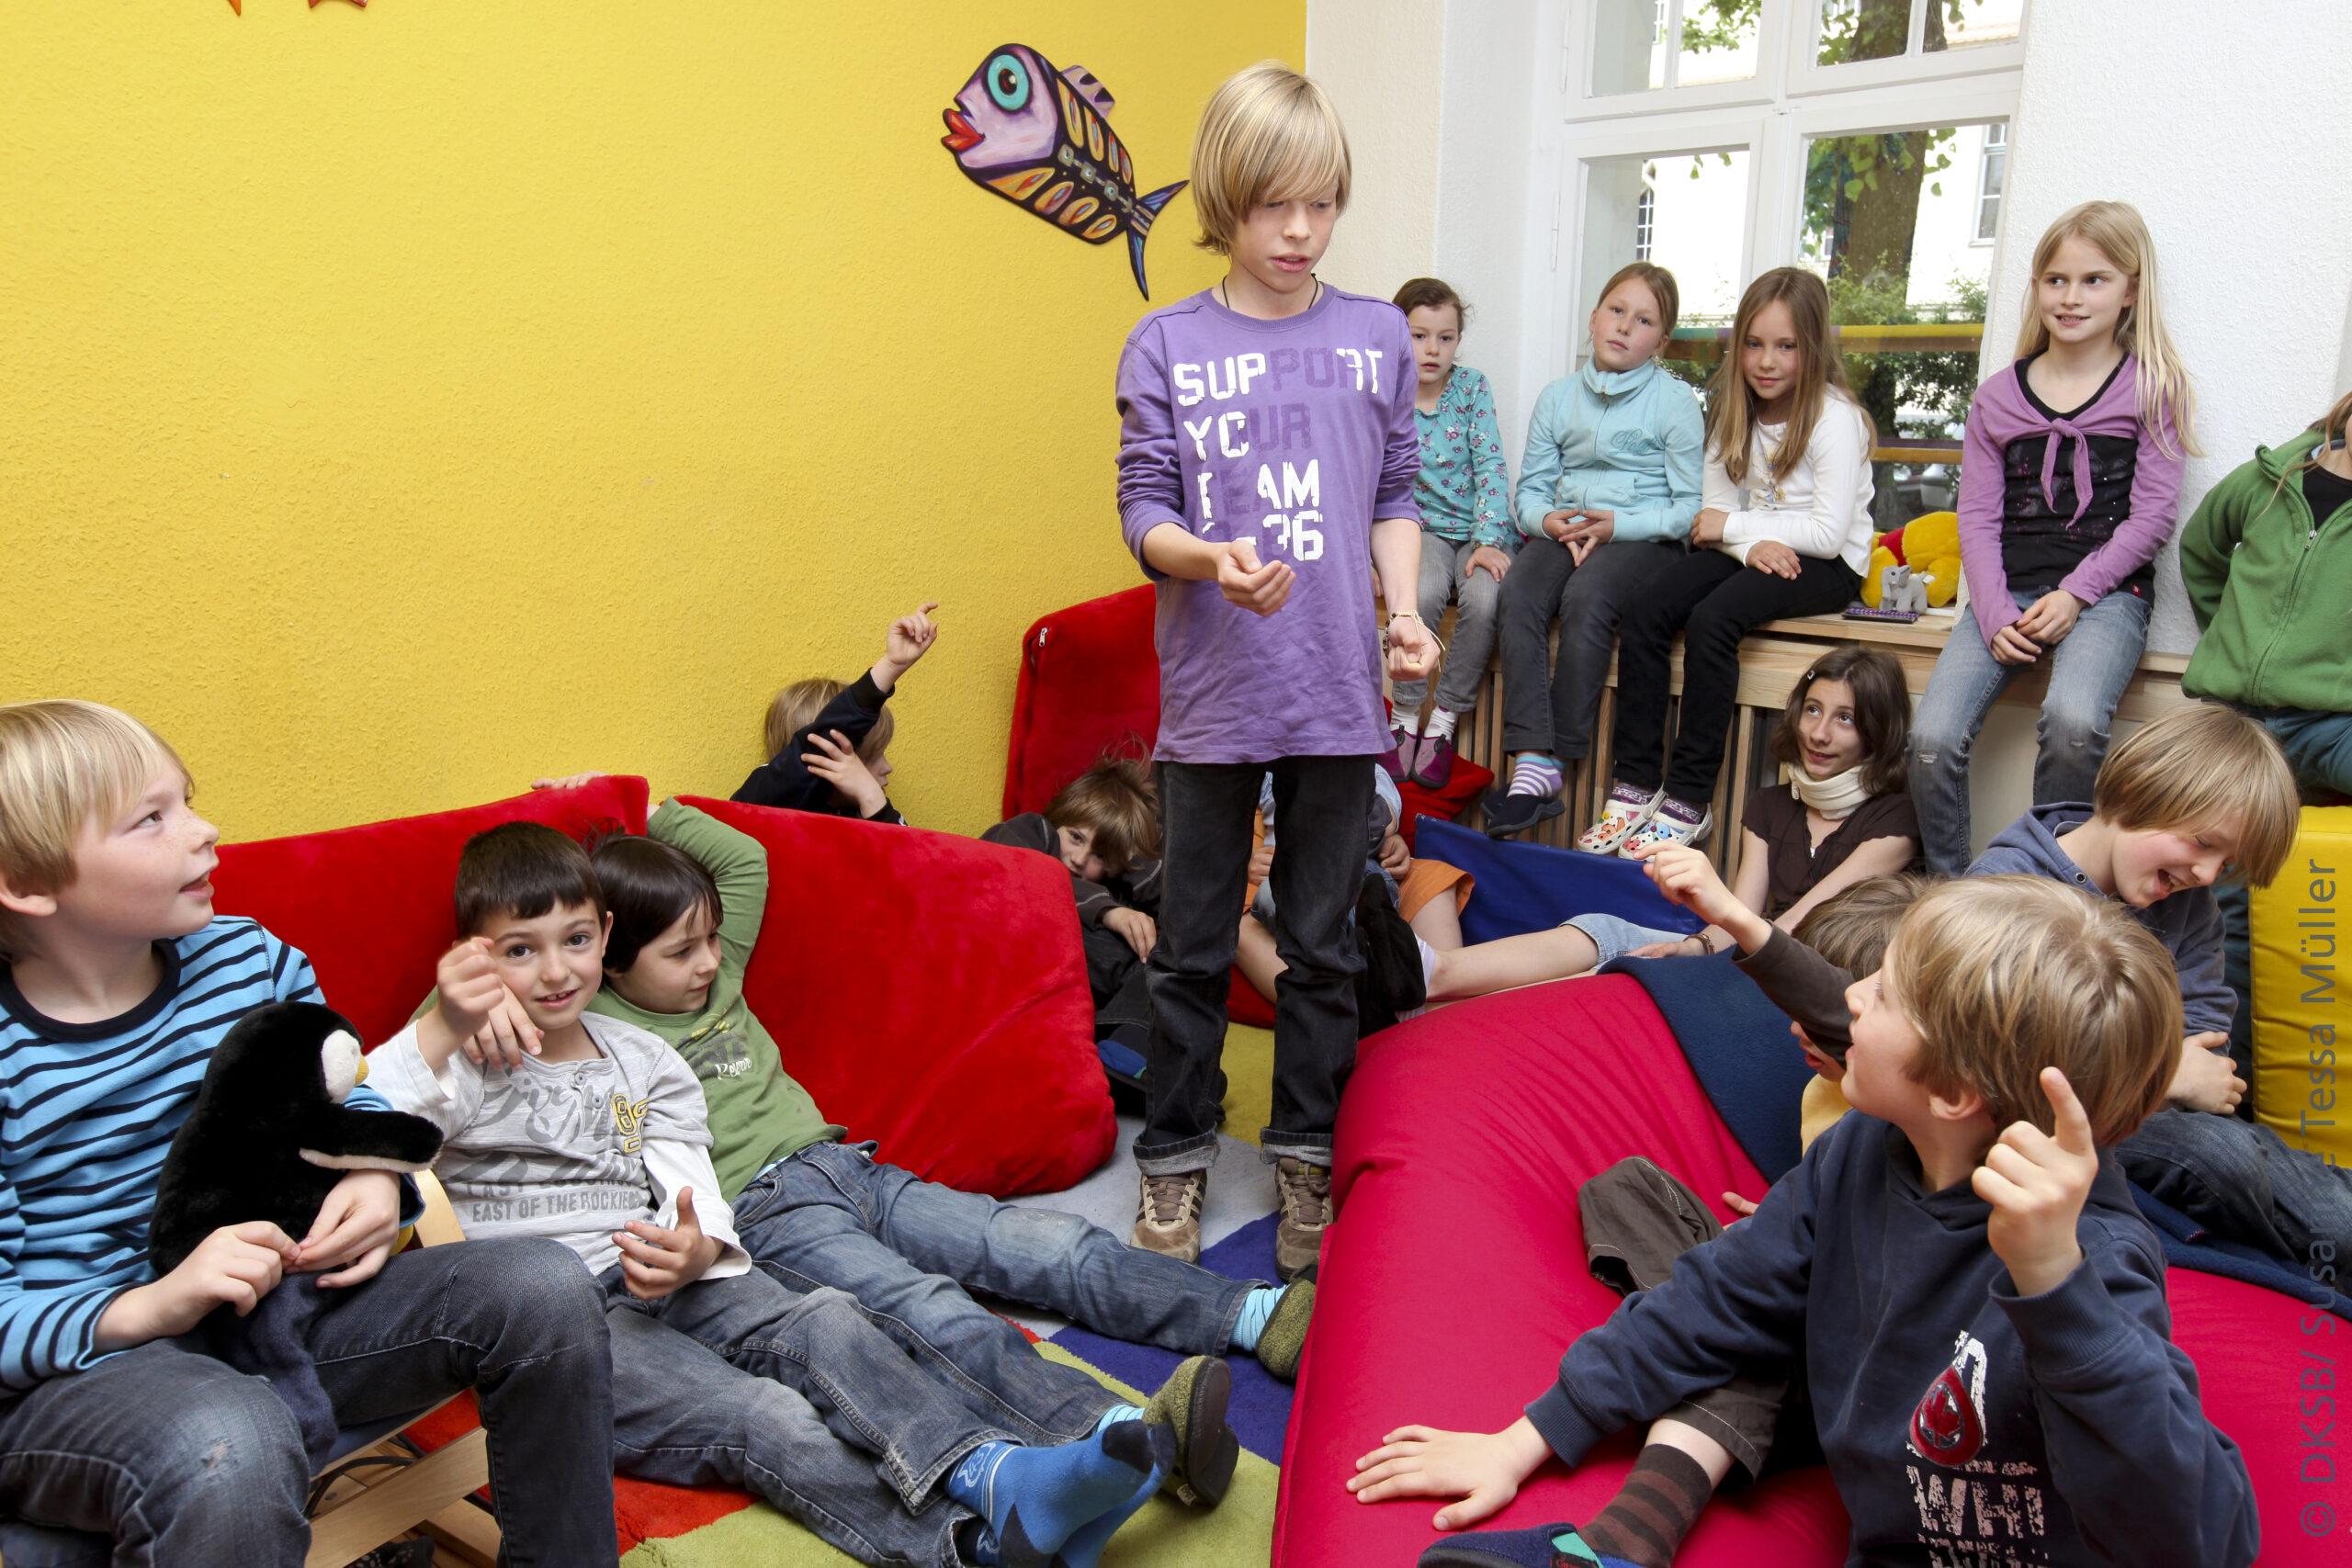 Viele Kinder unterhalten sich in einem Raum